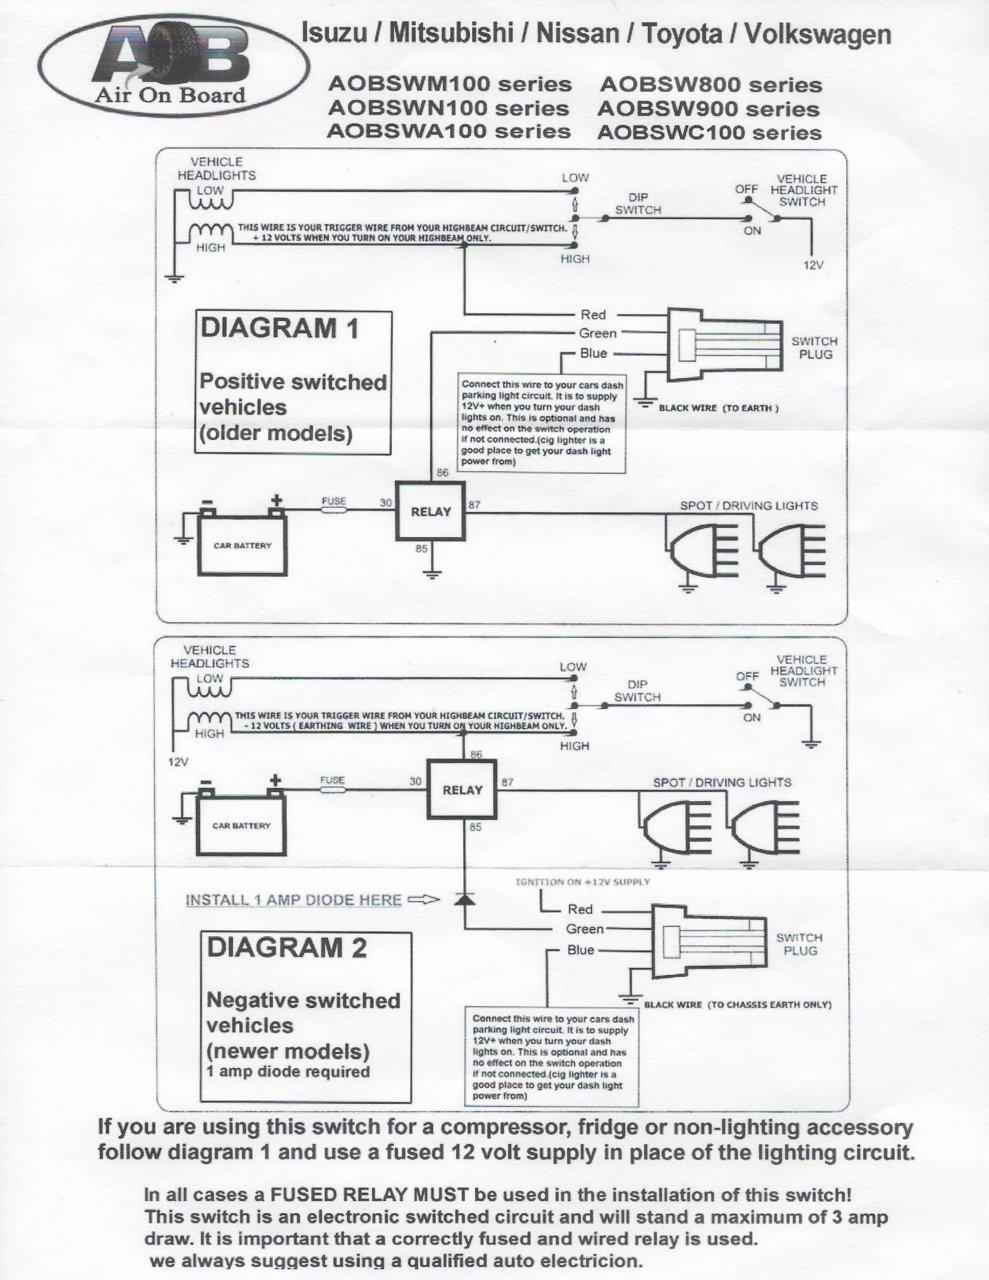 medium resolution of the below diagram is what comes with the aob switch a6341a6f e514 4b72 a1dc d36de44fa400 jpg